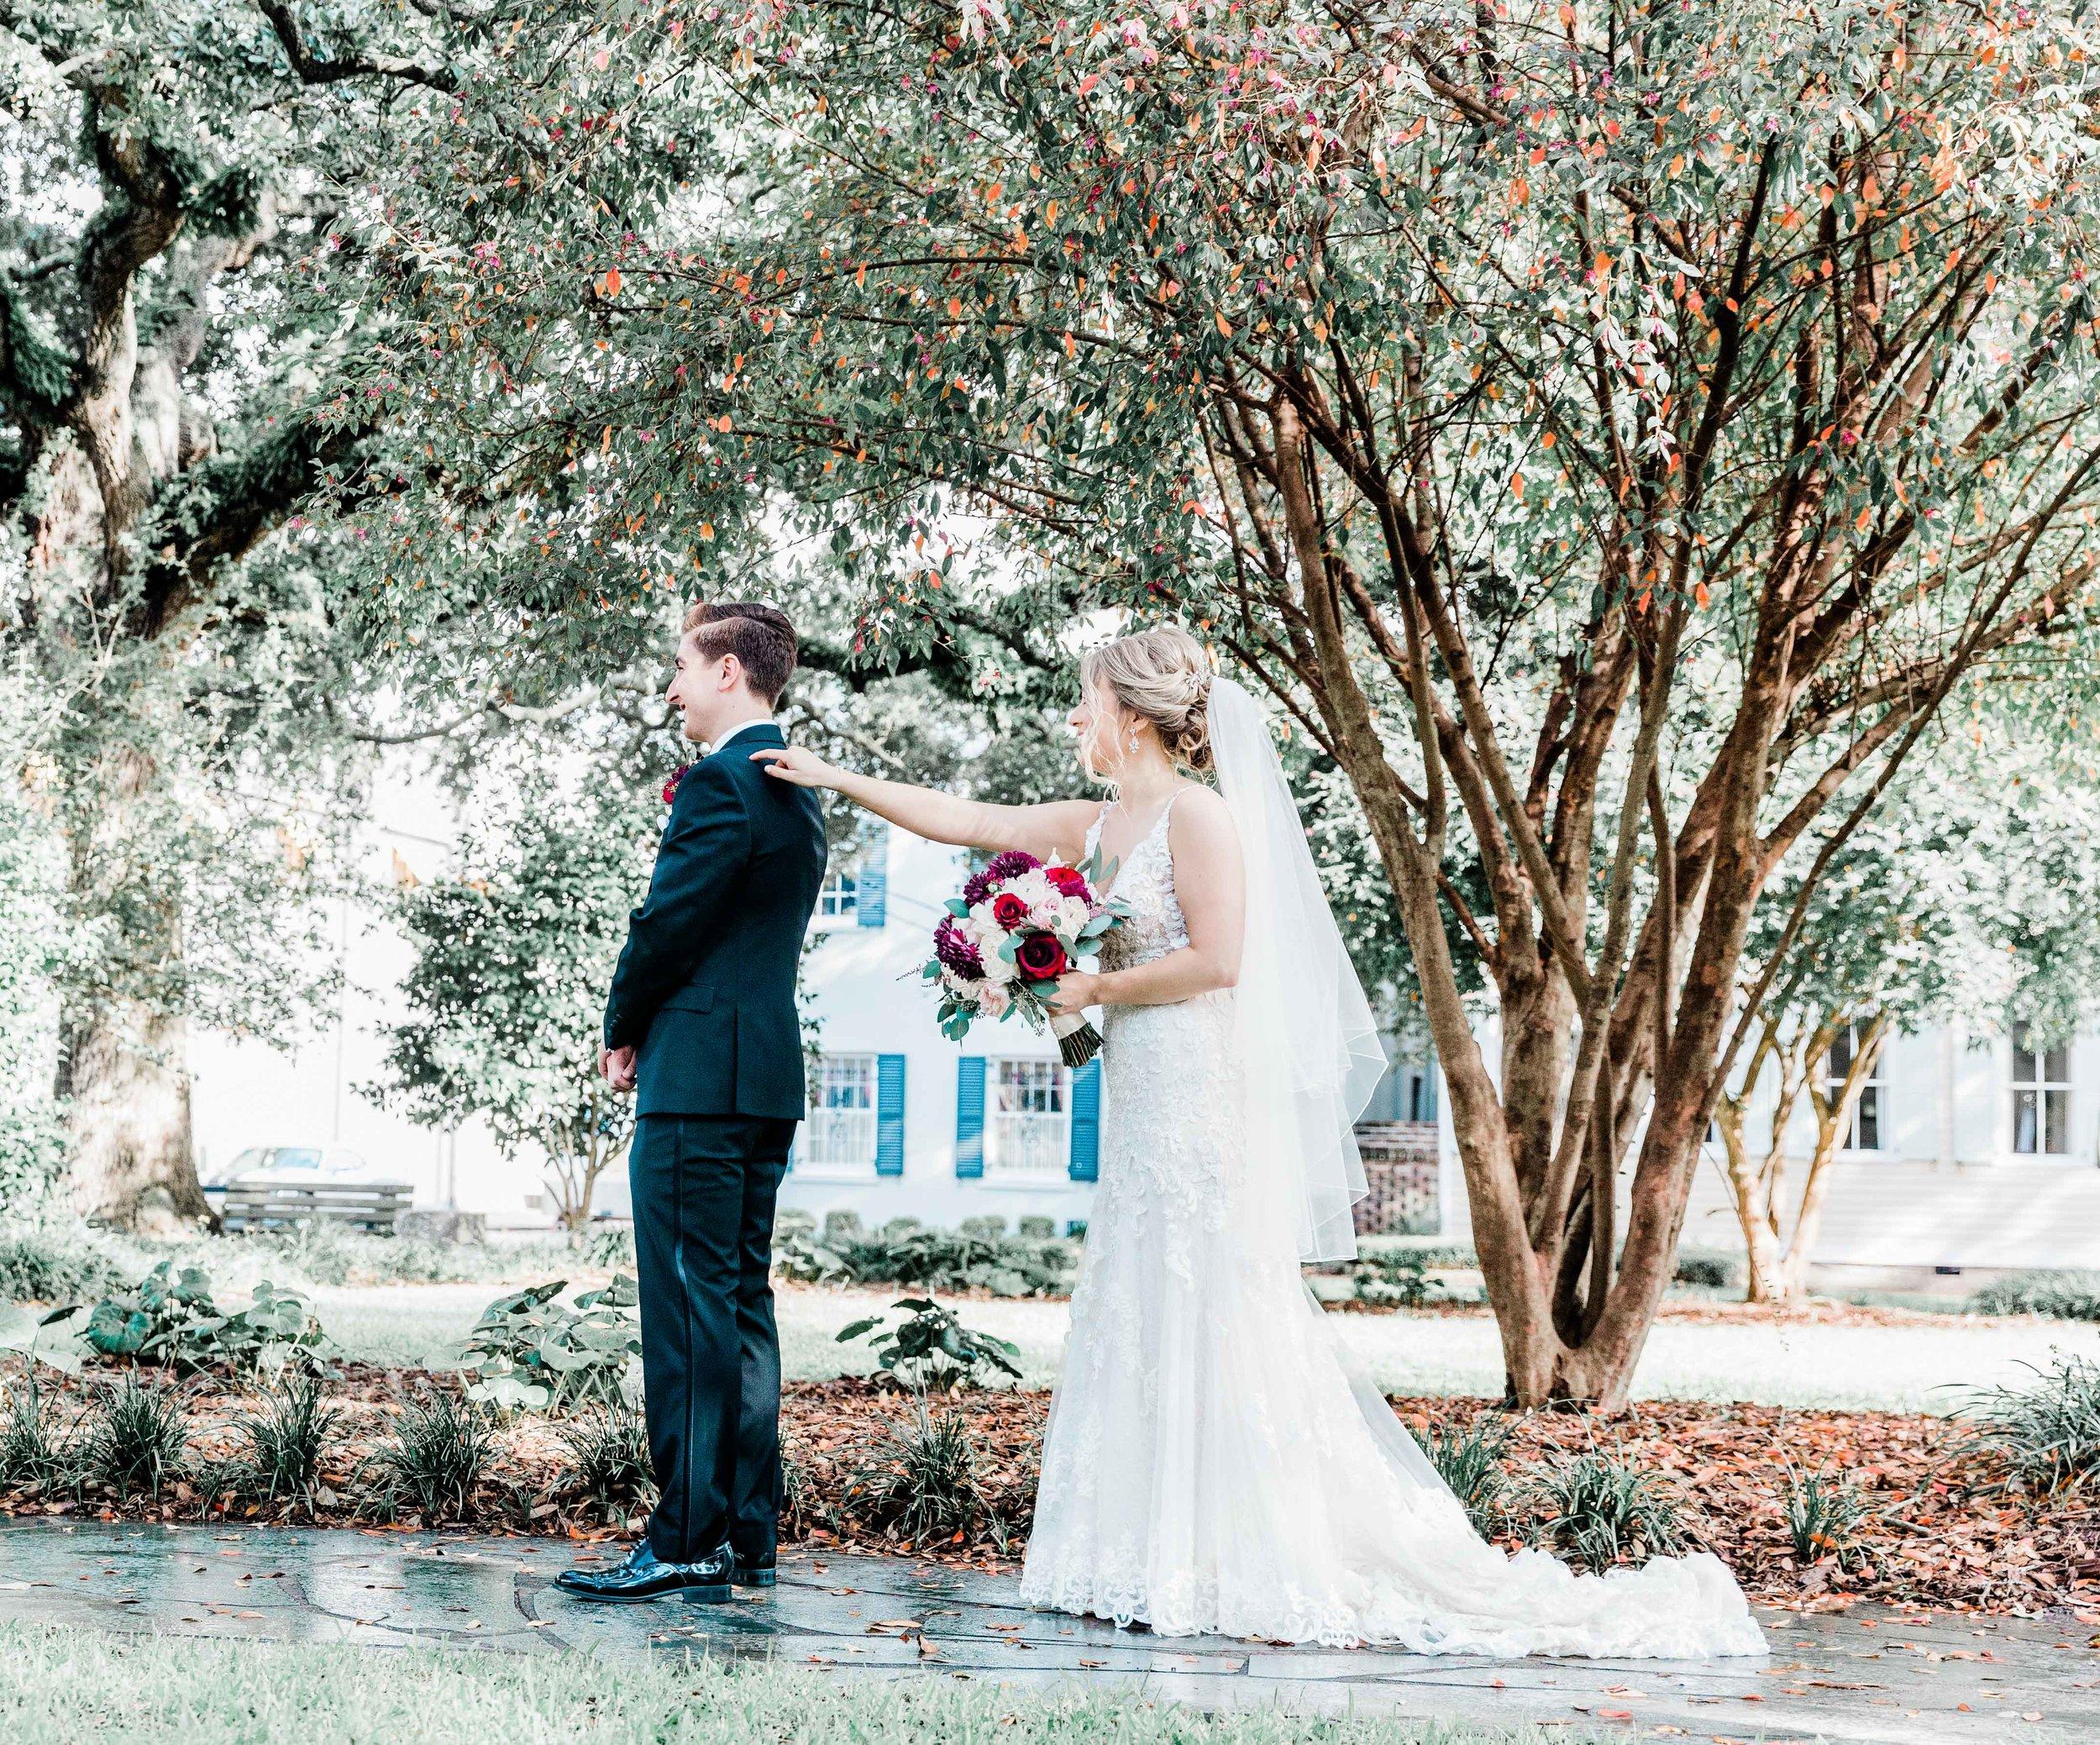 20181109Georgia-Savannah-savannah wedding photography06.jpg